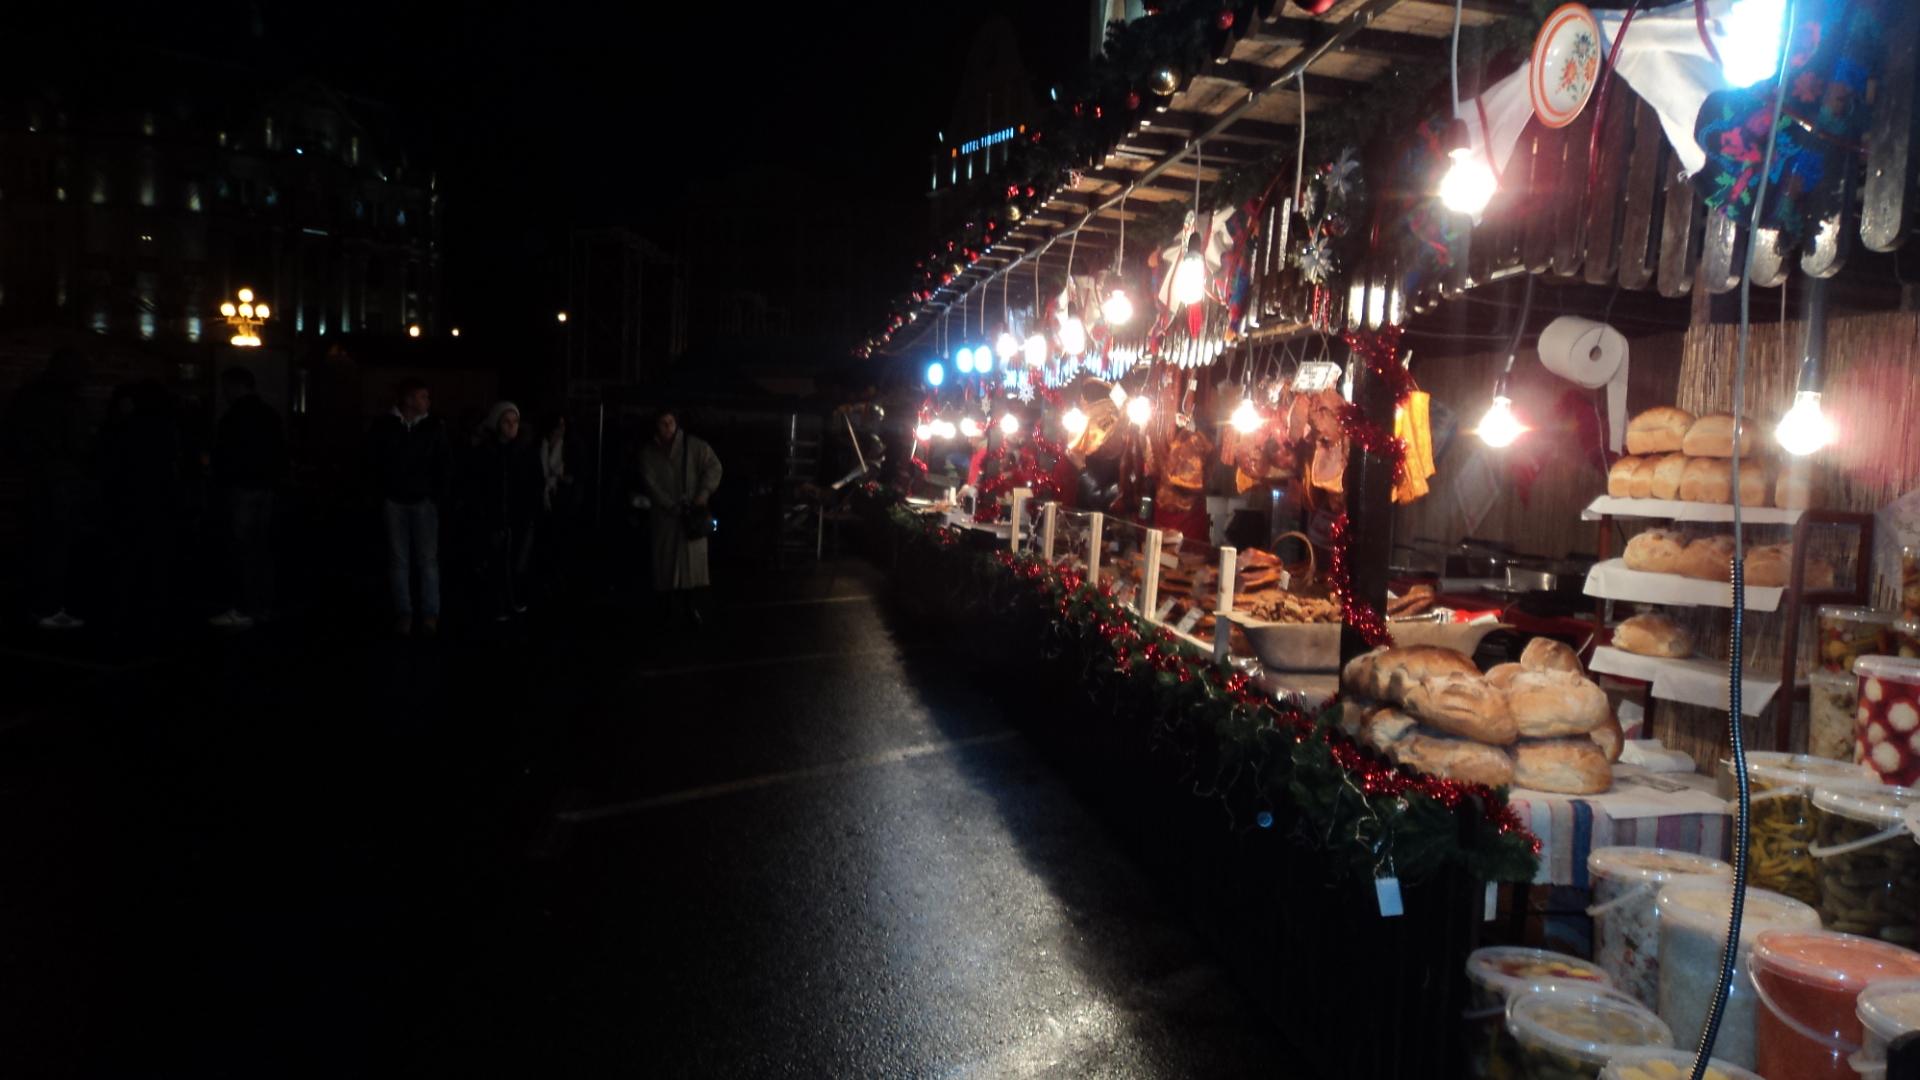 Temesvári karácsonyi vásár (Fotó: Laslavic Tímea)